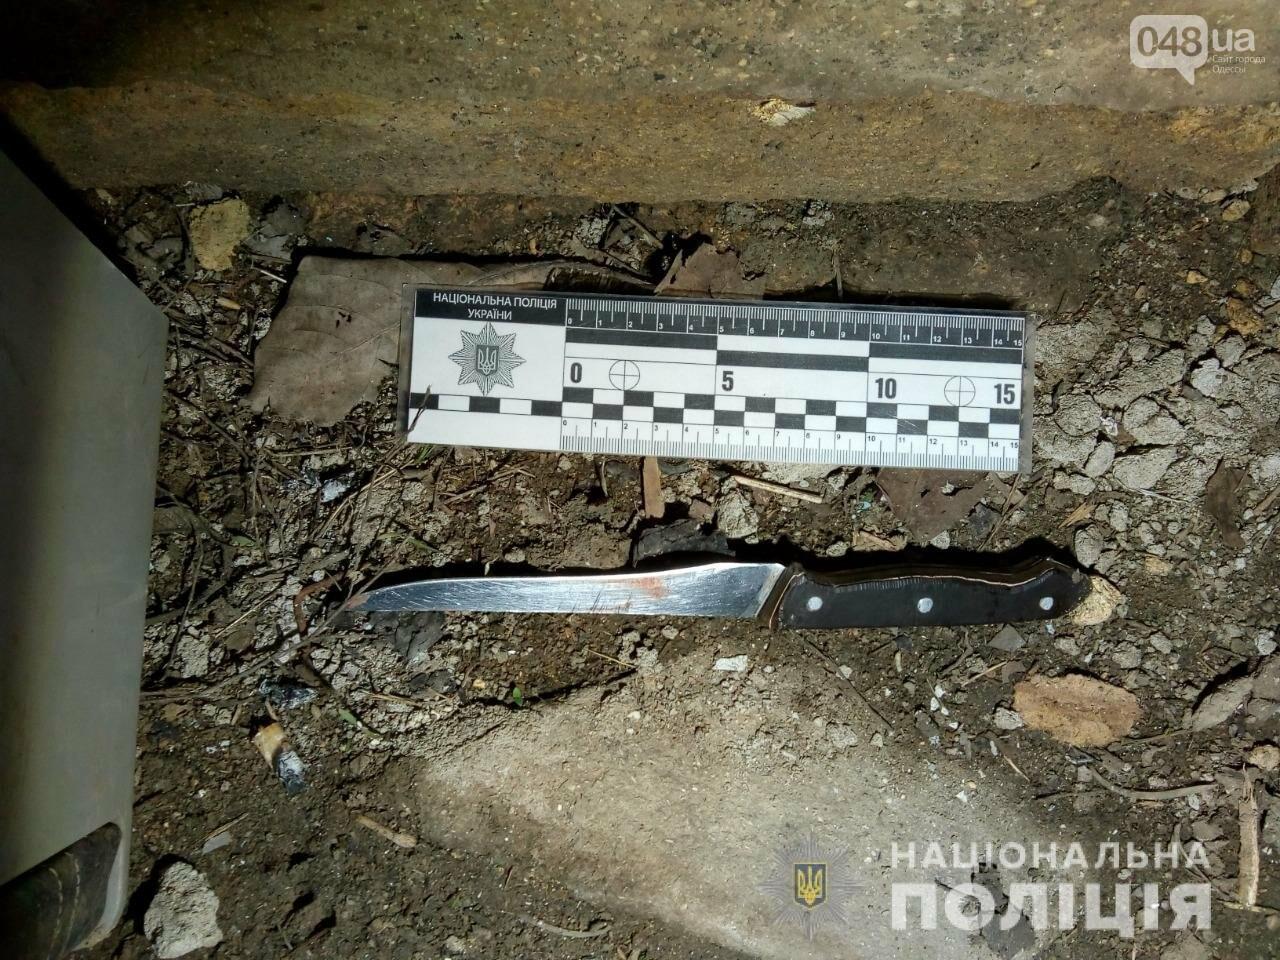 В Одесской области распитие алкоголя закончилось кровопролитием, - ФОТО, фото-1